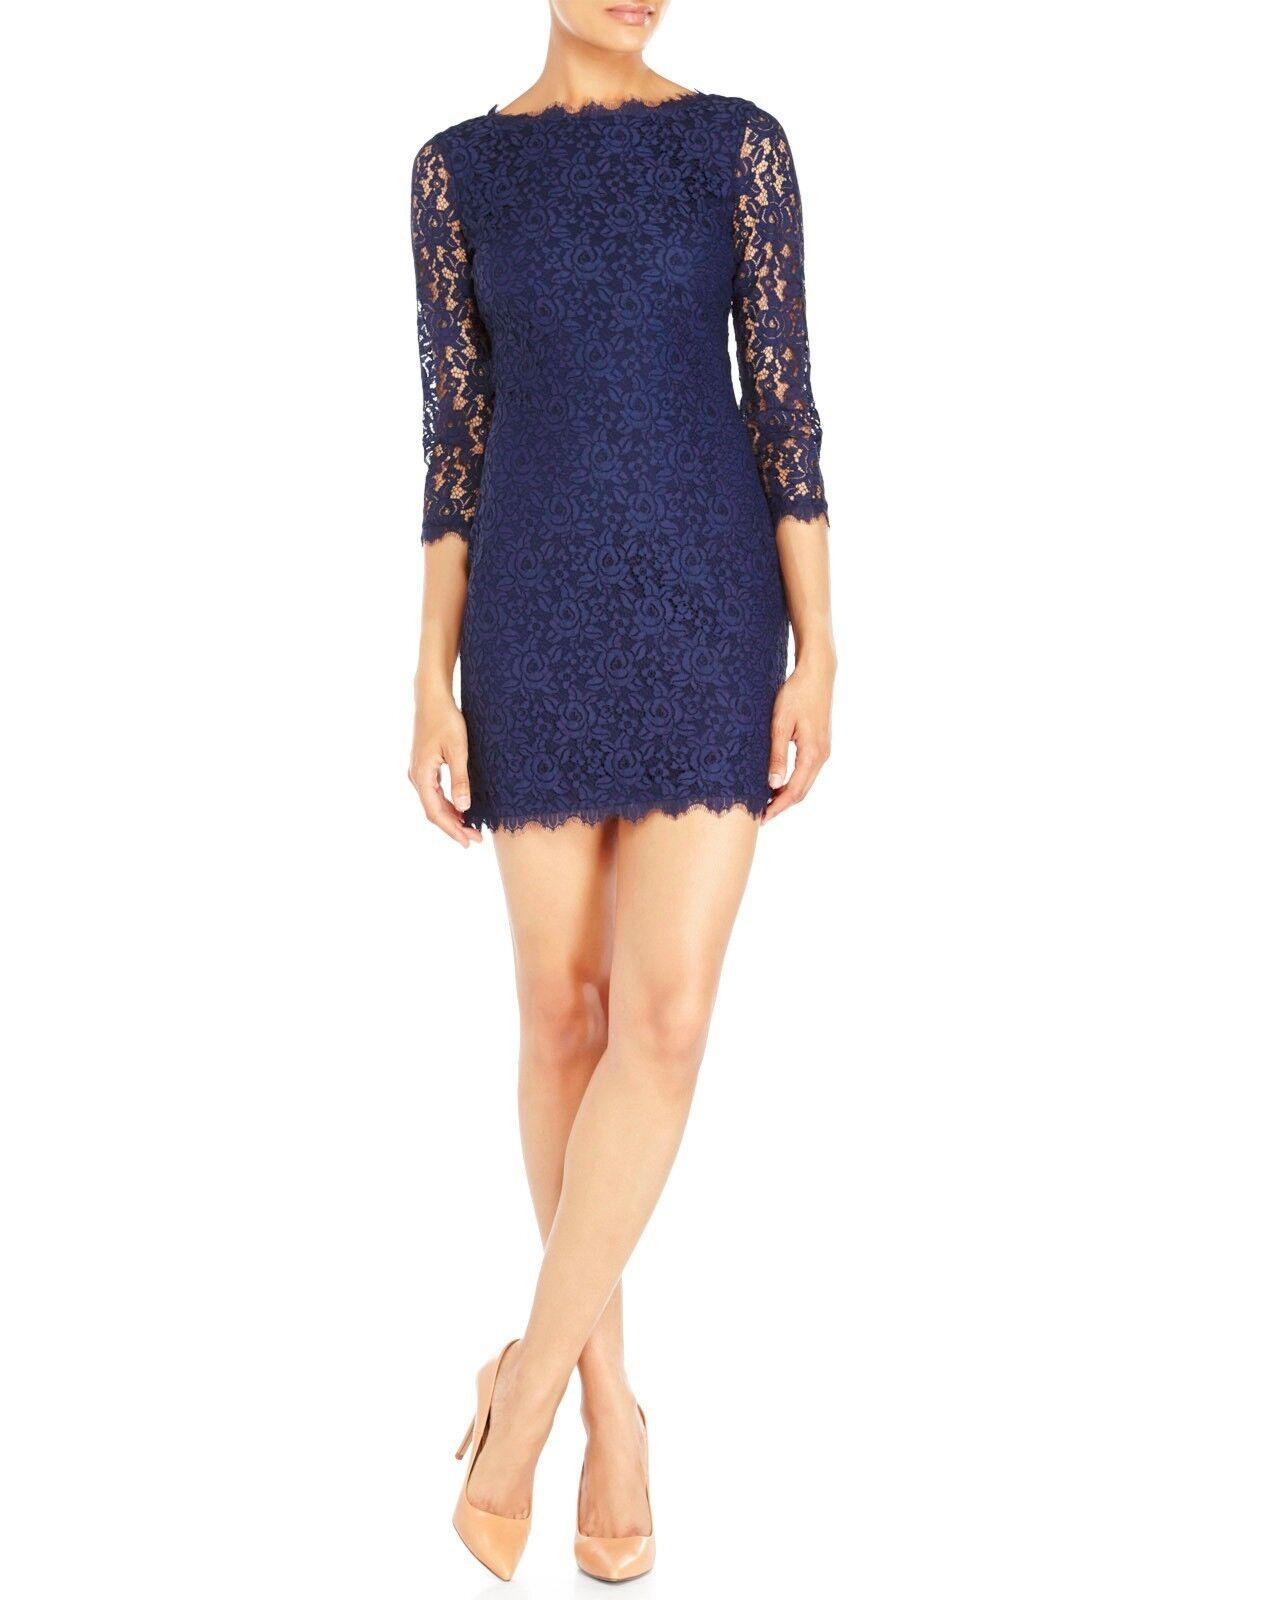 348-NWT Diane Von Furstenberg DVF Colleen Lace Sheath Shift Dress, Navy, size 6